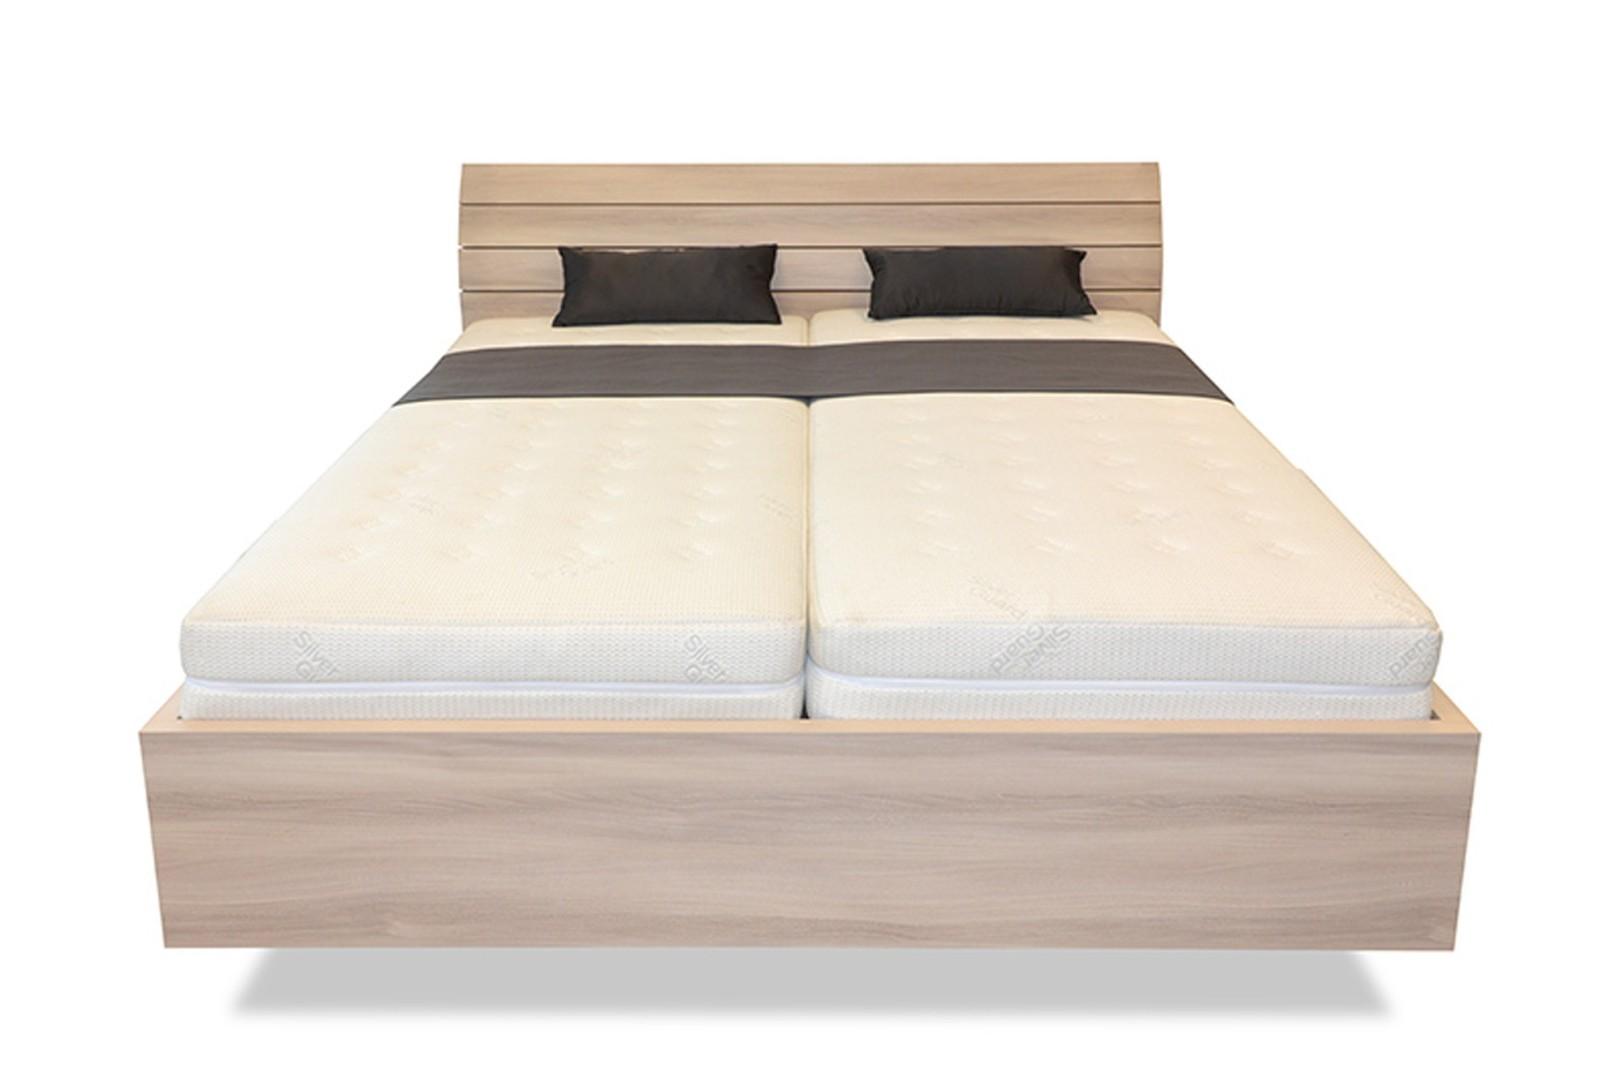 Ahorn SALINA Basic - dvojlôžková posteľ so strednicou 180 x 200 cm dekor dub čierny, 38 mm lamino